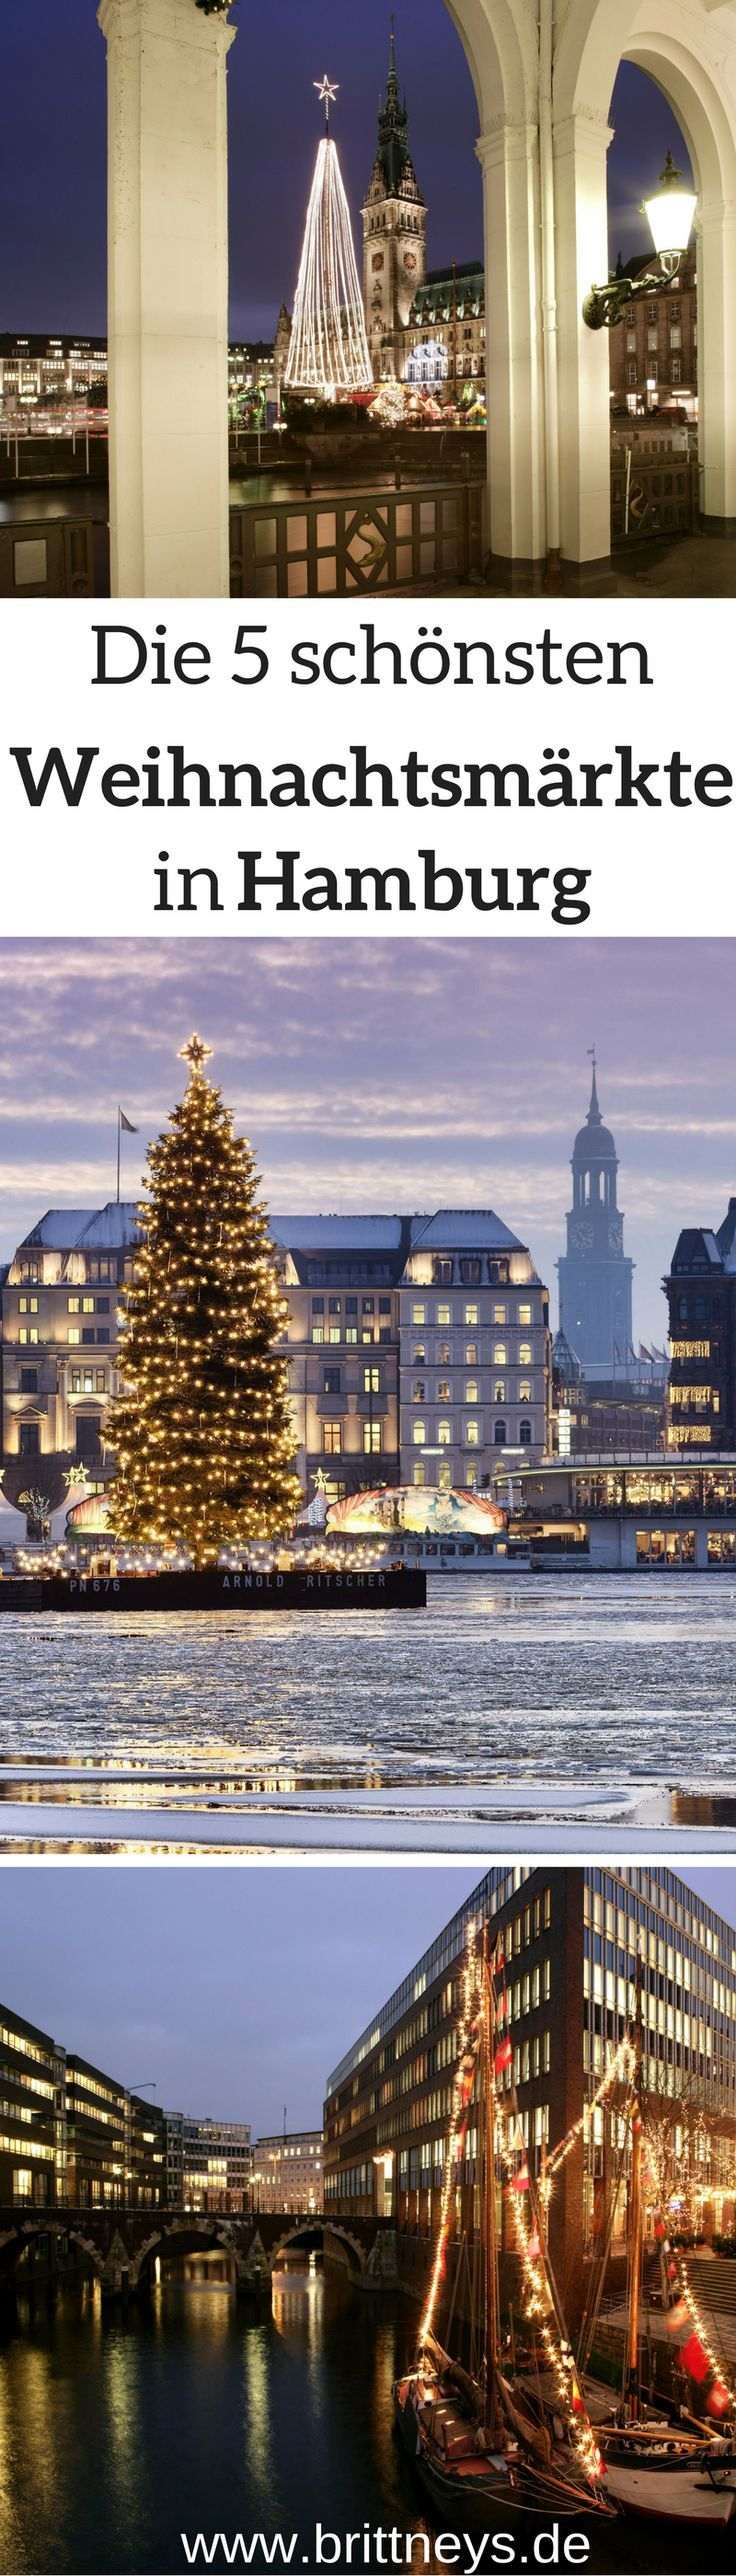 Die schönsten Weihnachtsmärkte in Hamburg 2019, Tipps ...